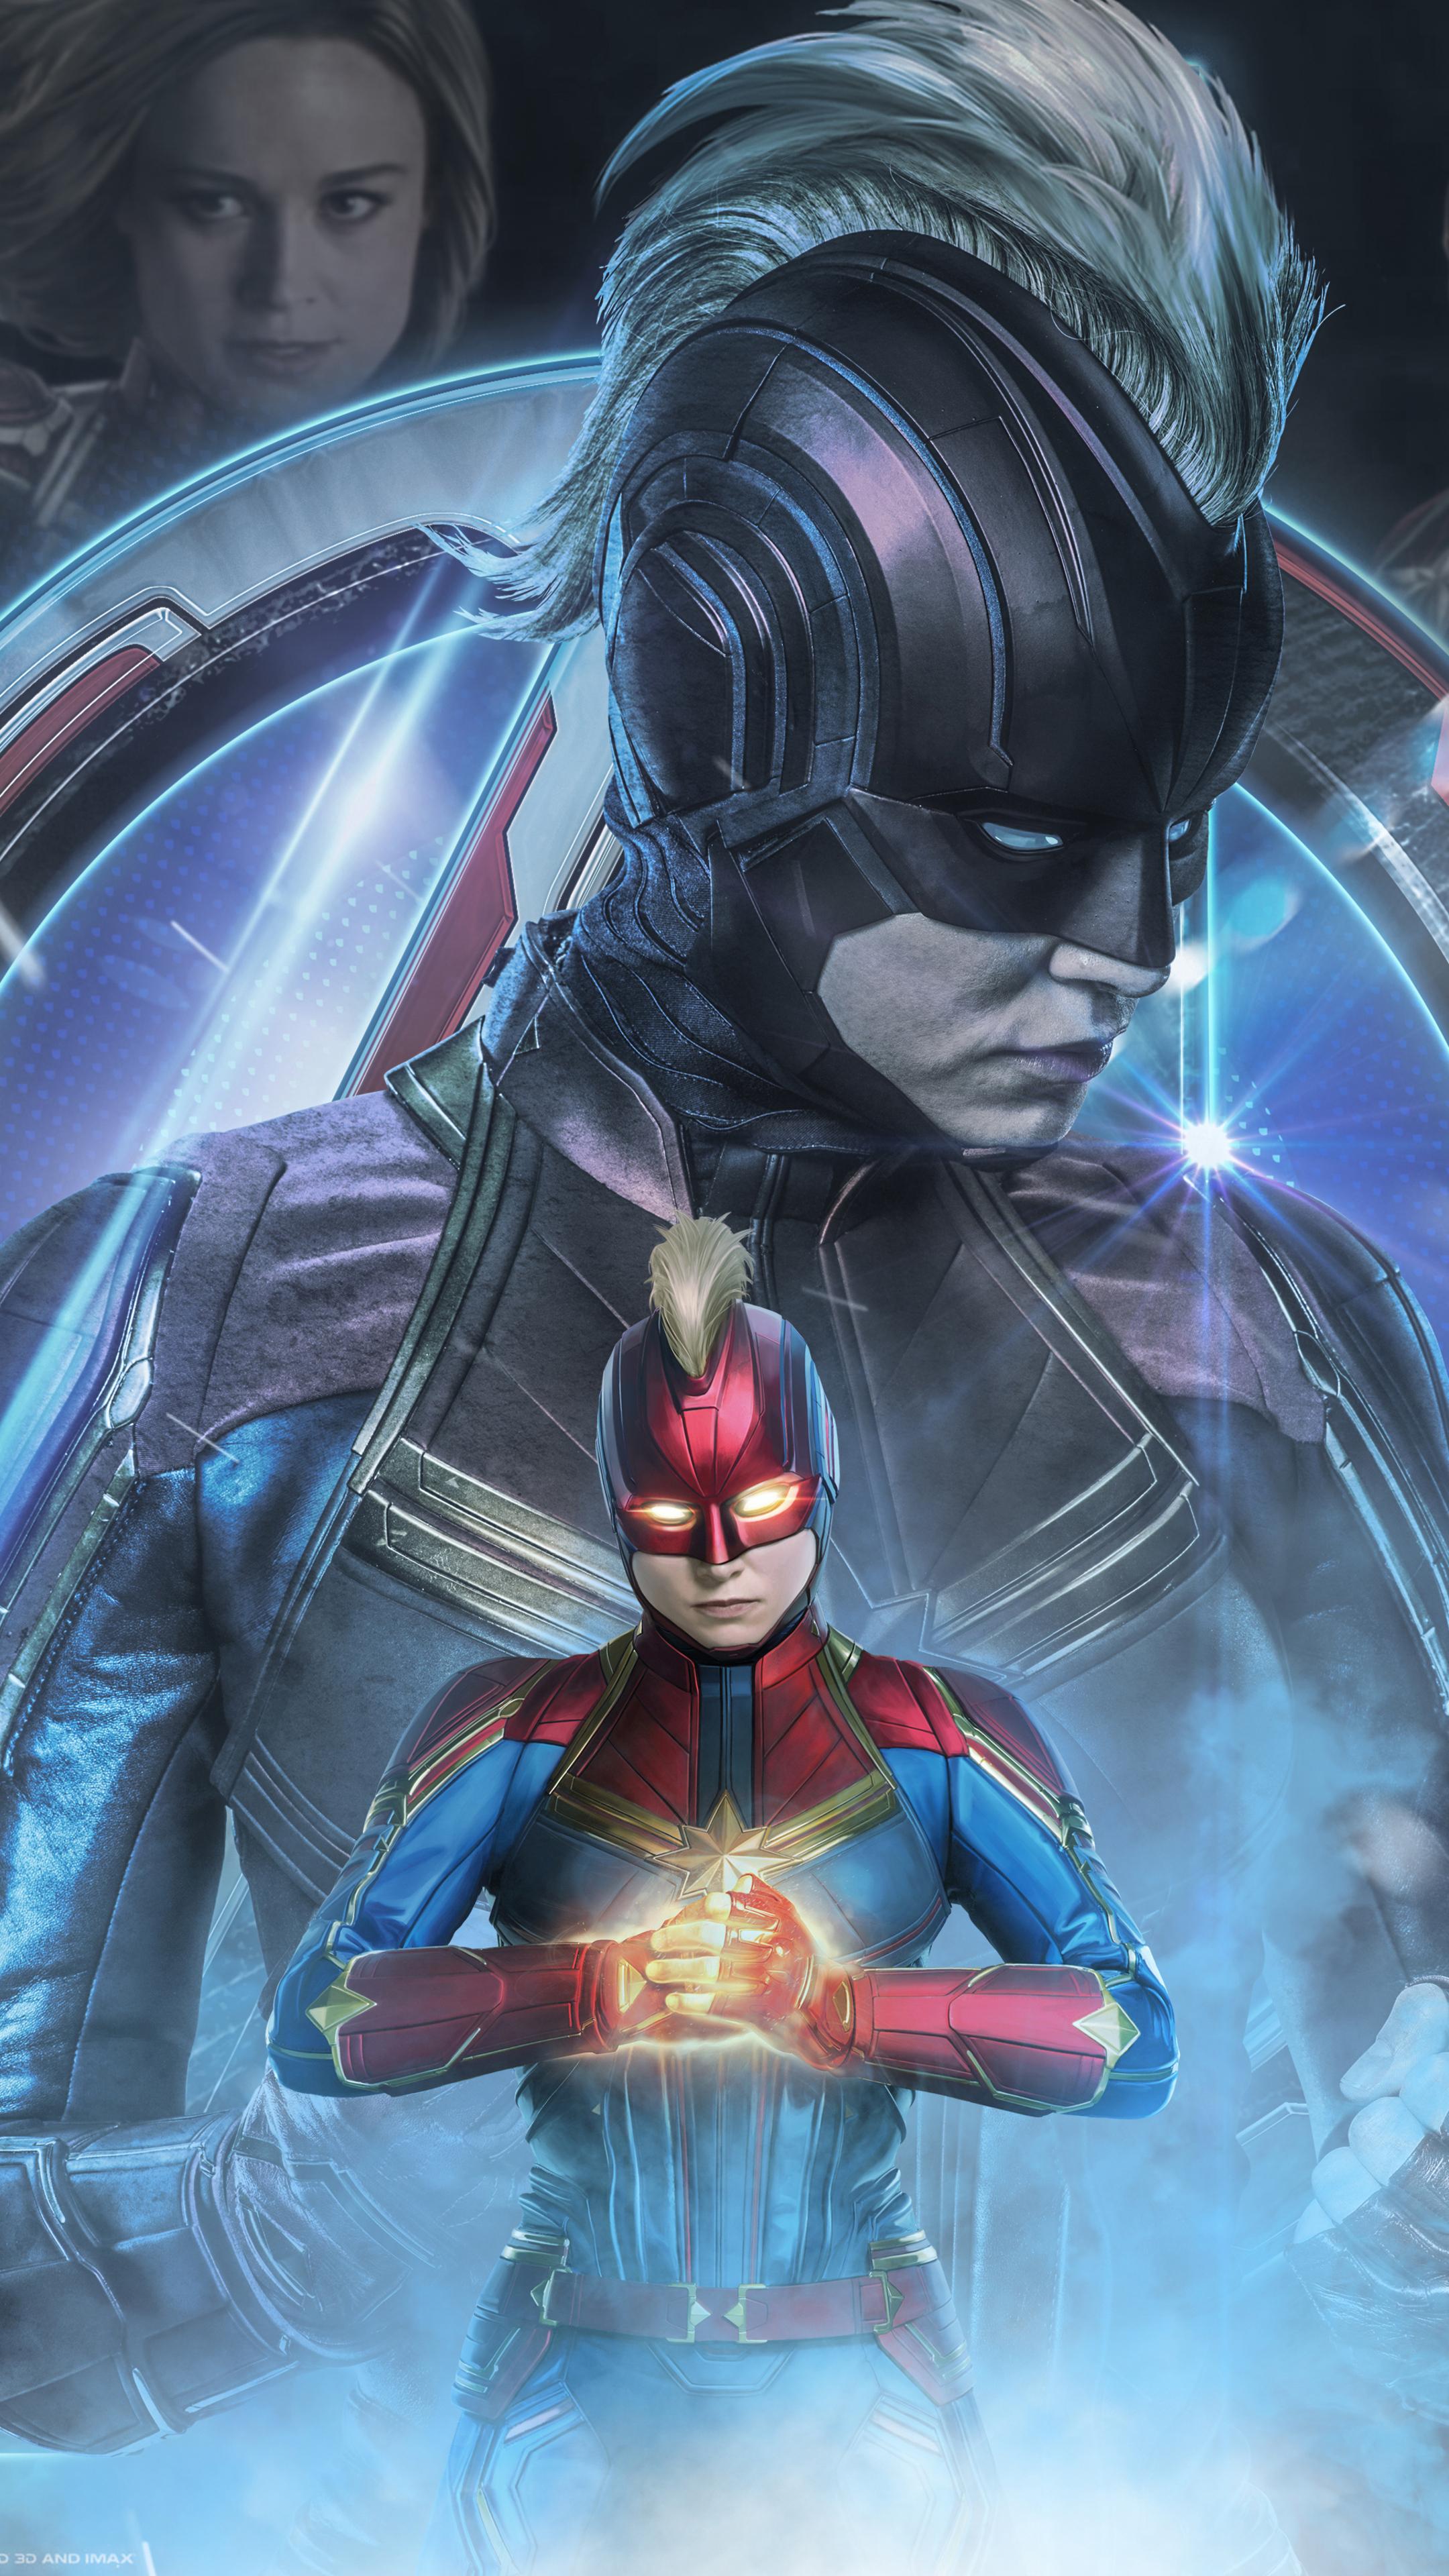 captain-marvel-in-avengers-endgame-2019-da.jpg